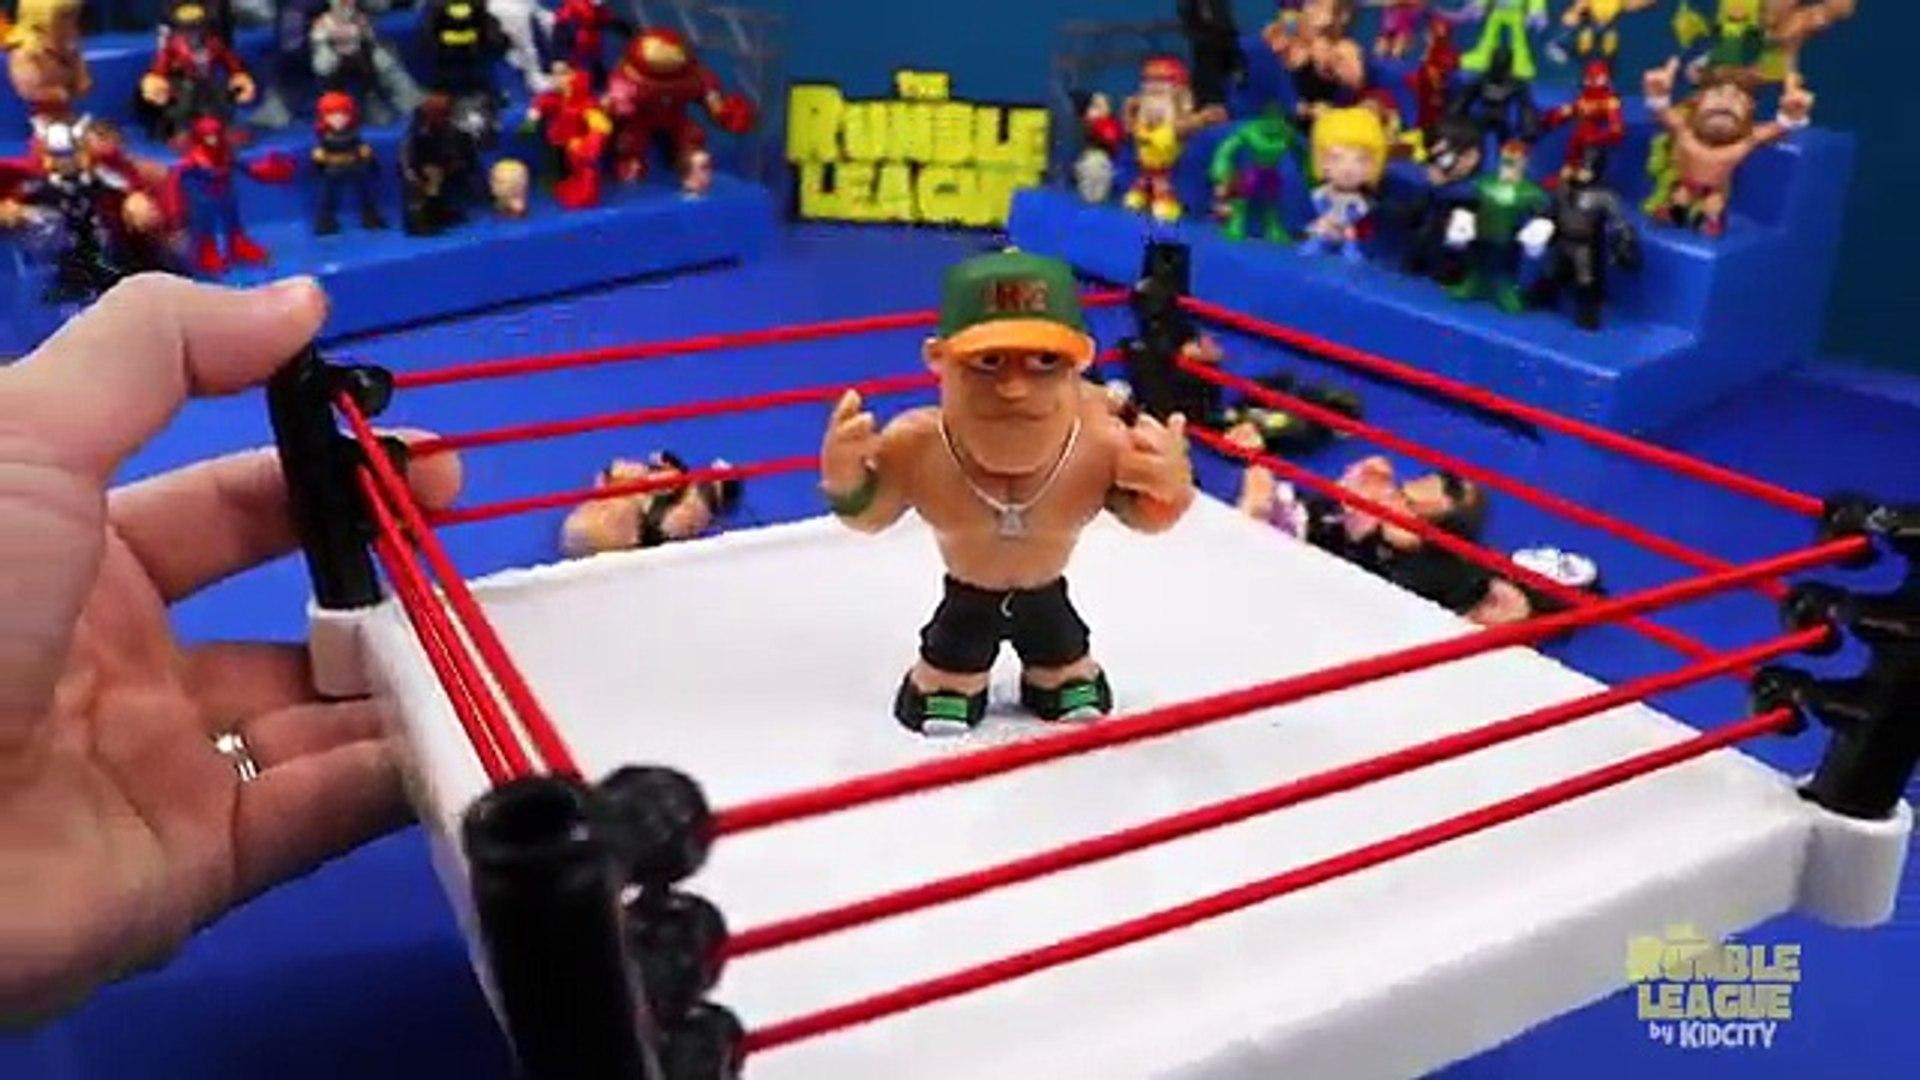 WWE TOYS Shake Rumble - WWE Modern Era vs WWE Classic Wrestlers // KidCitys RUMBLE LEAGUE